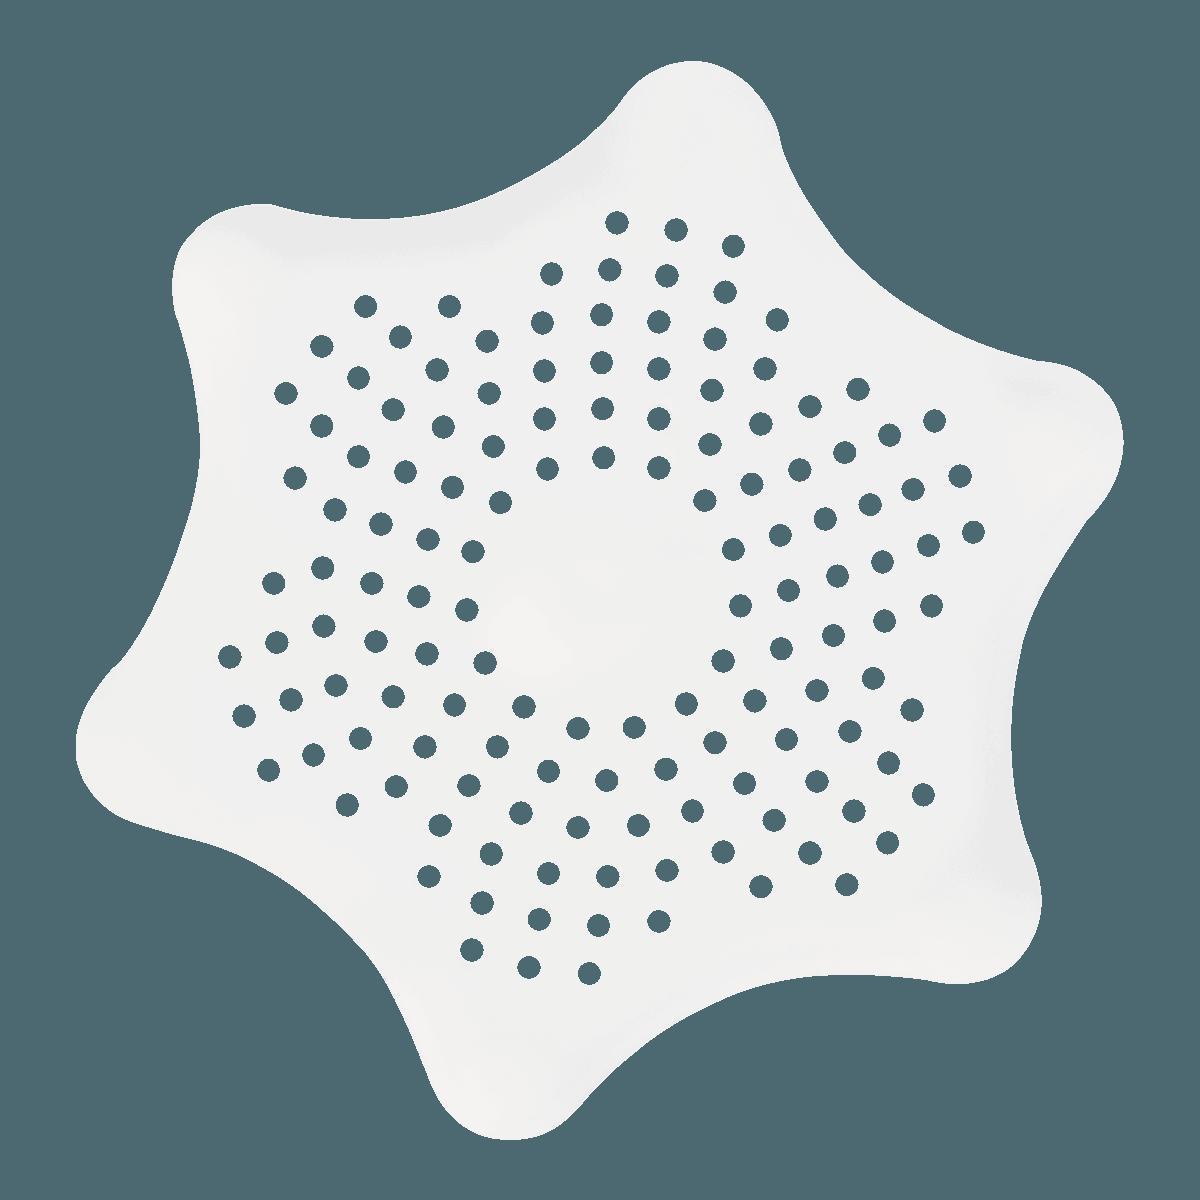 日本OKAZAKI 星星形状排水口过滤网 12cm 一件入 颜色随机发送